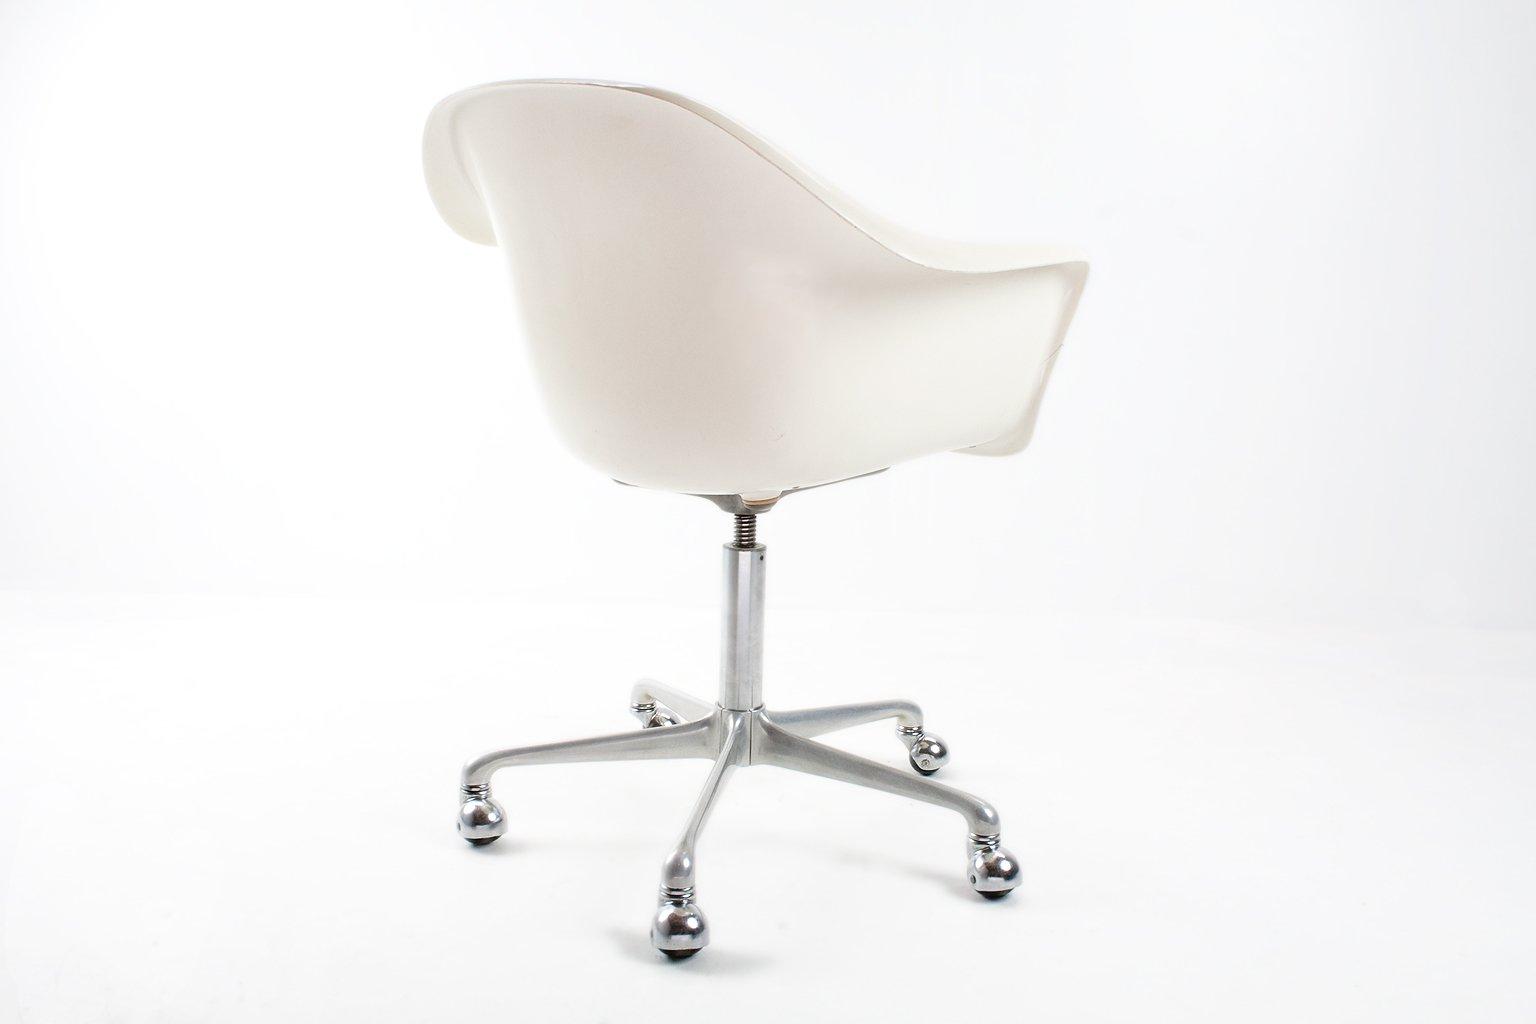 deutscher mid century fiberglas schreibtisch drehstuhl von. Black Bedroom Furniture Sets. Home Design Ideas